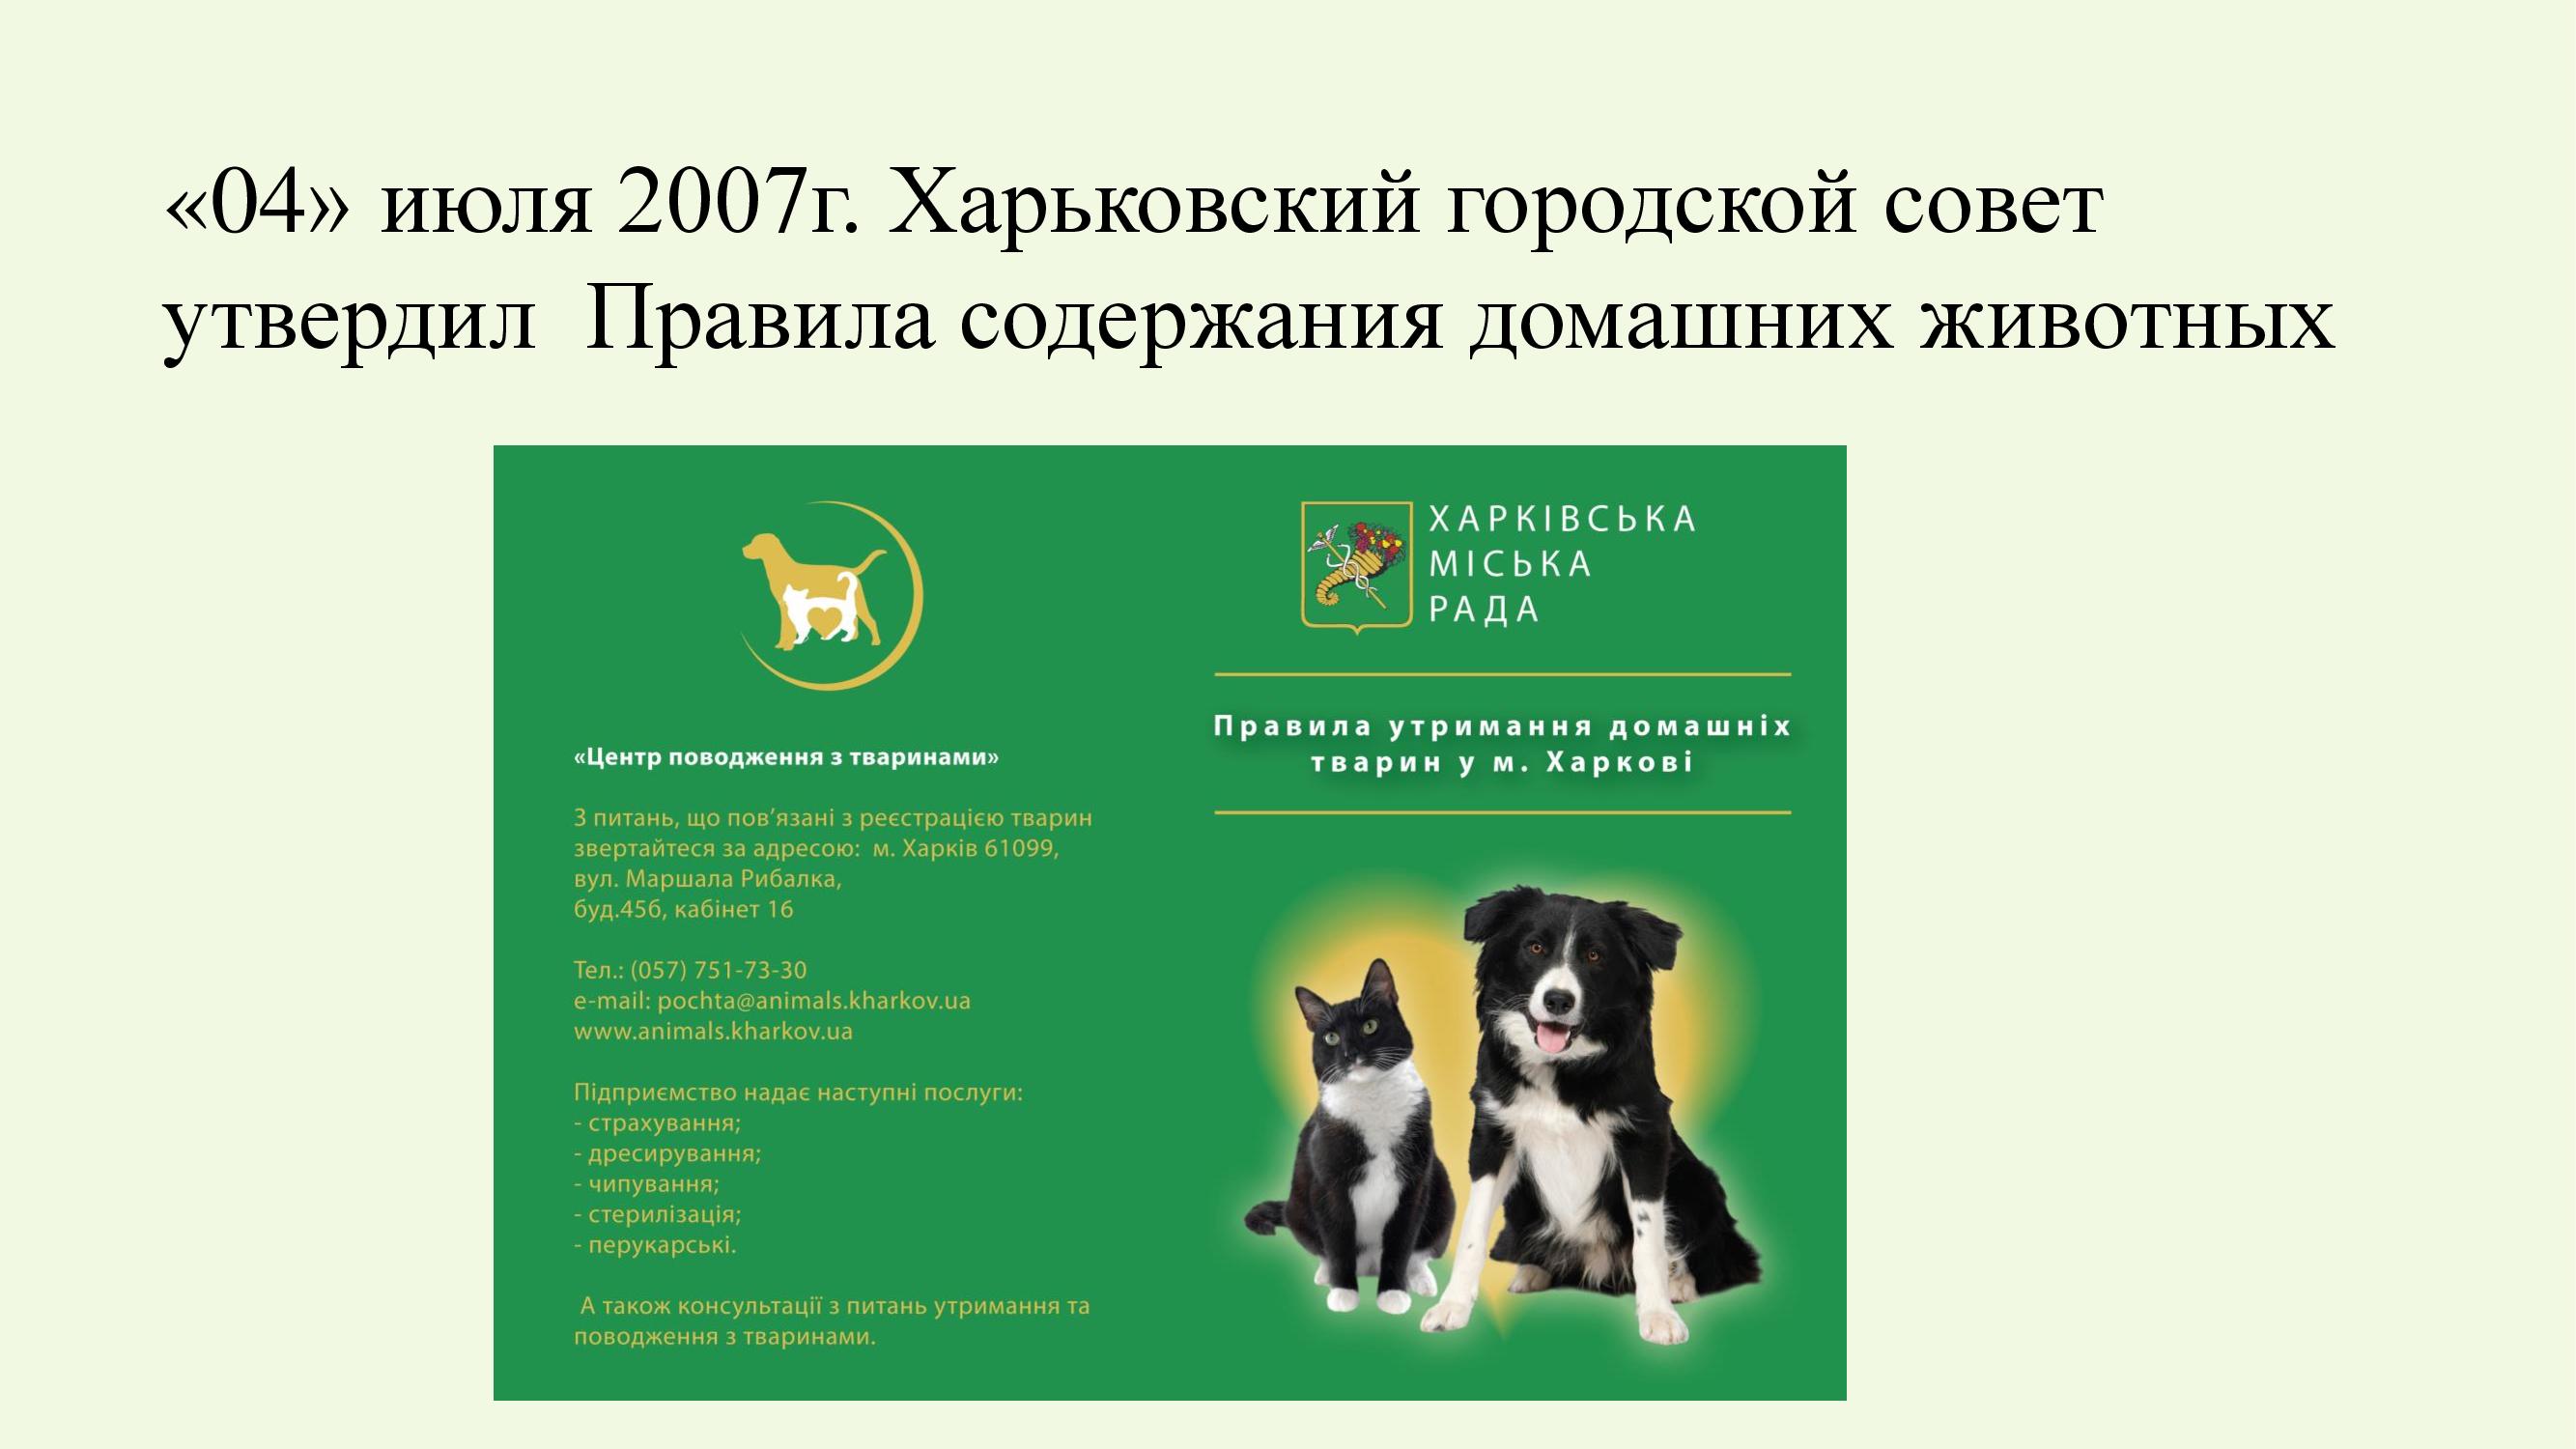 Правила содержания домашних животных. Ответственность за нарушение правил